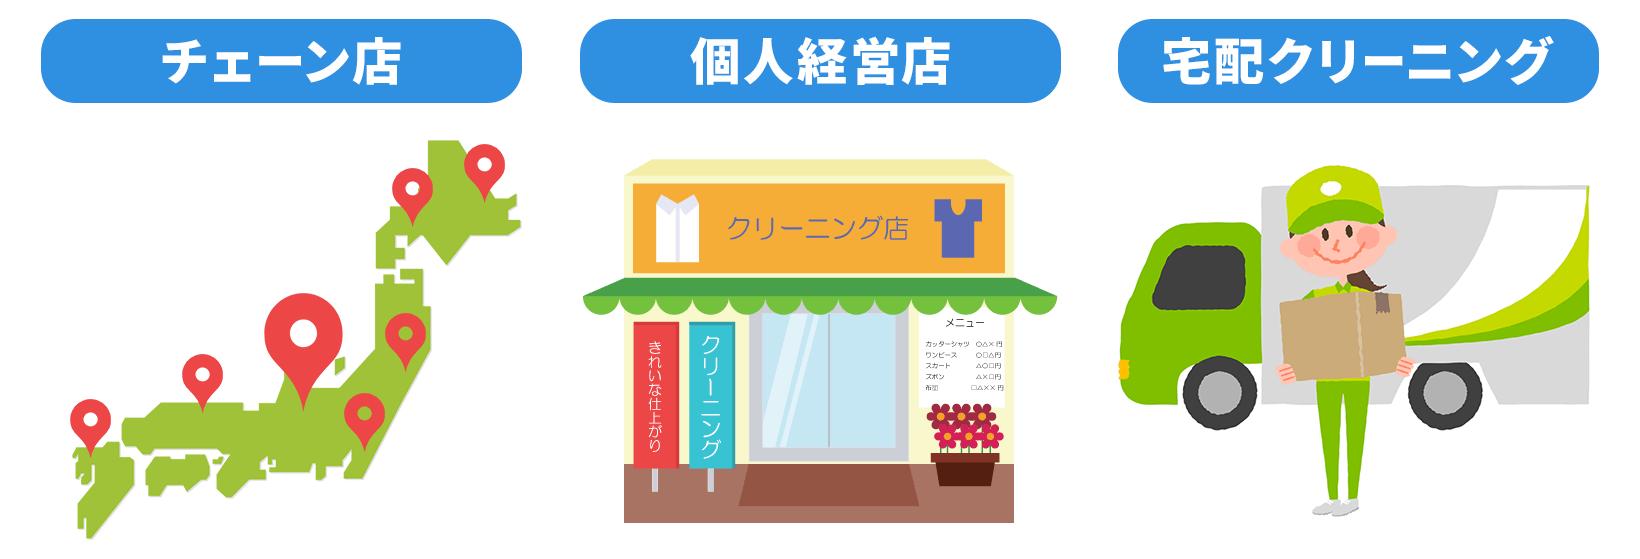 クリーニング店は主にチェーン店、個人経営店、宅配クリーニングの3つ